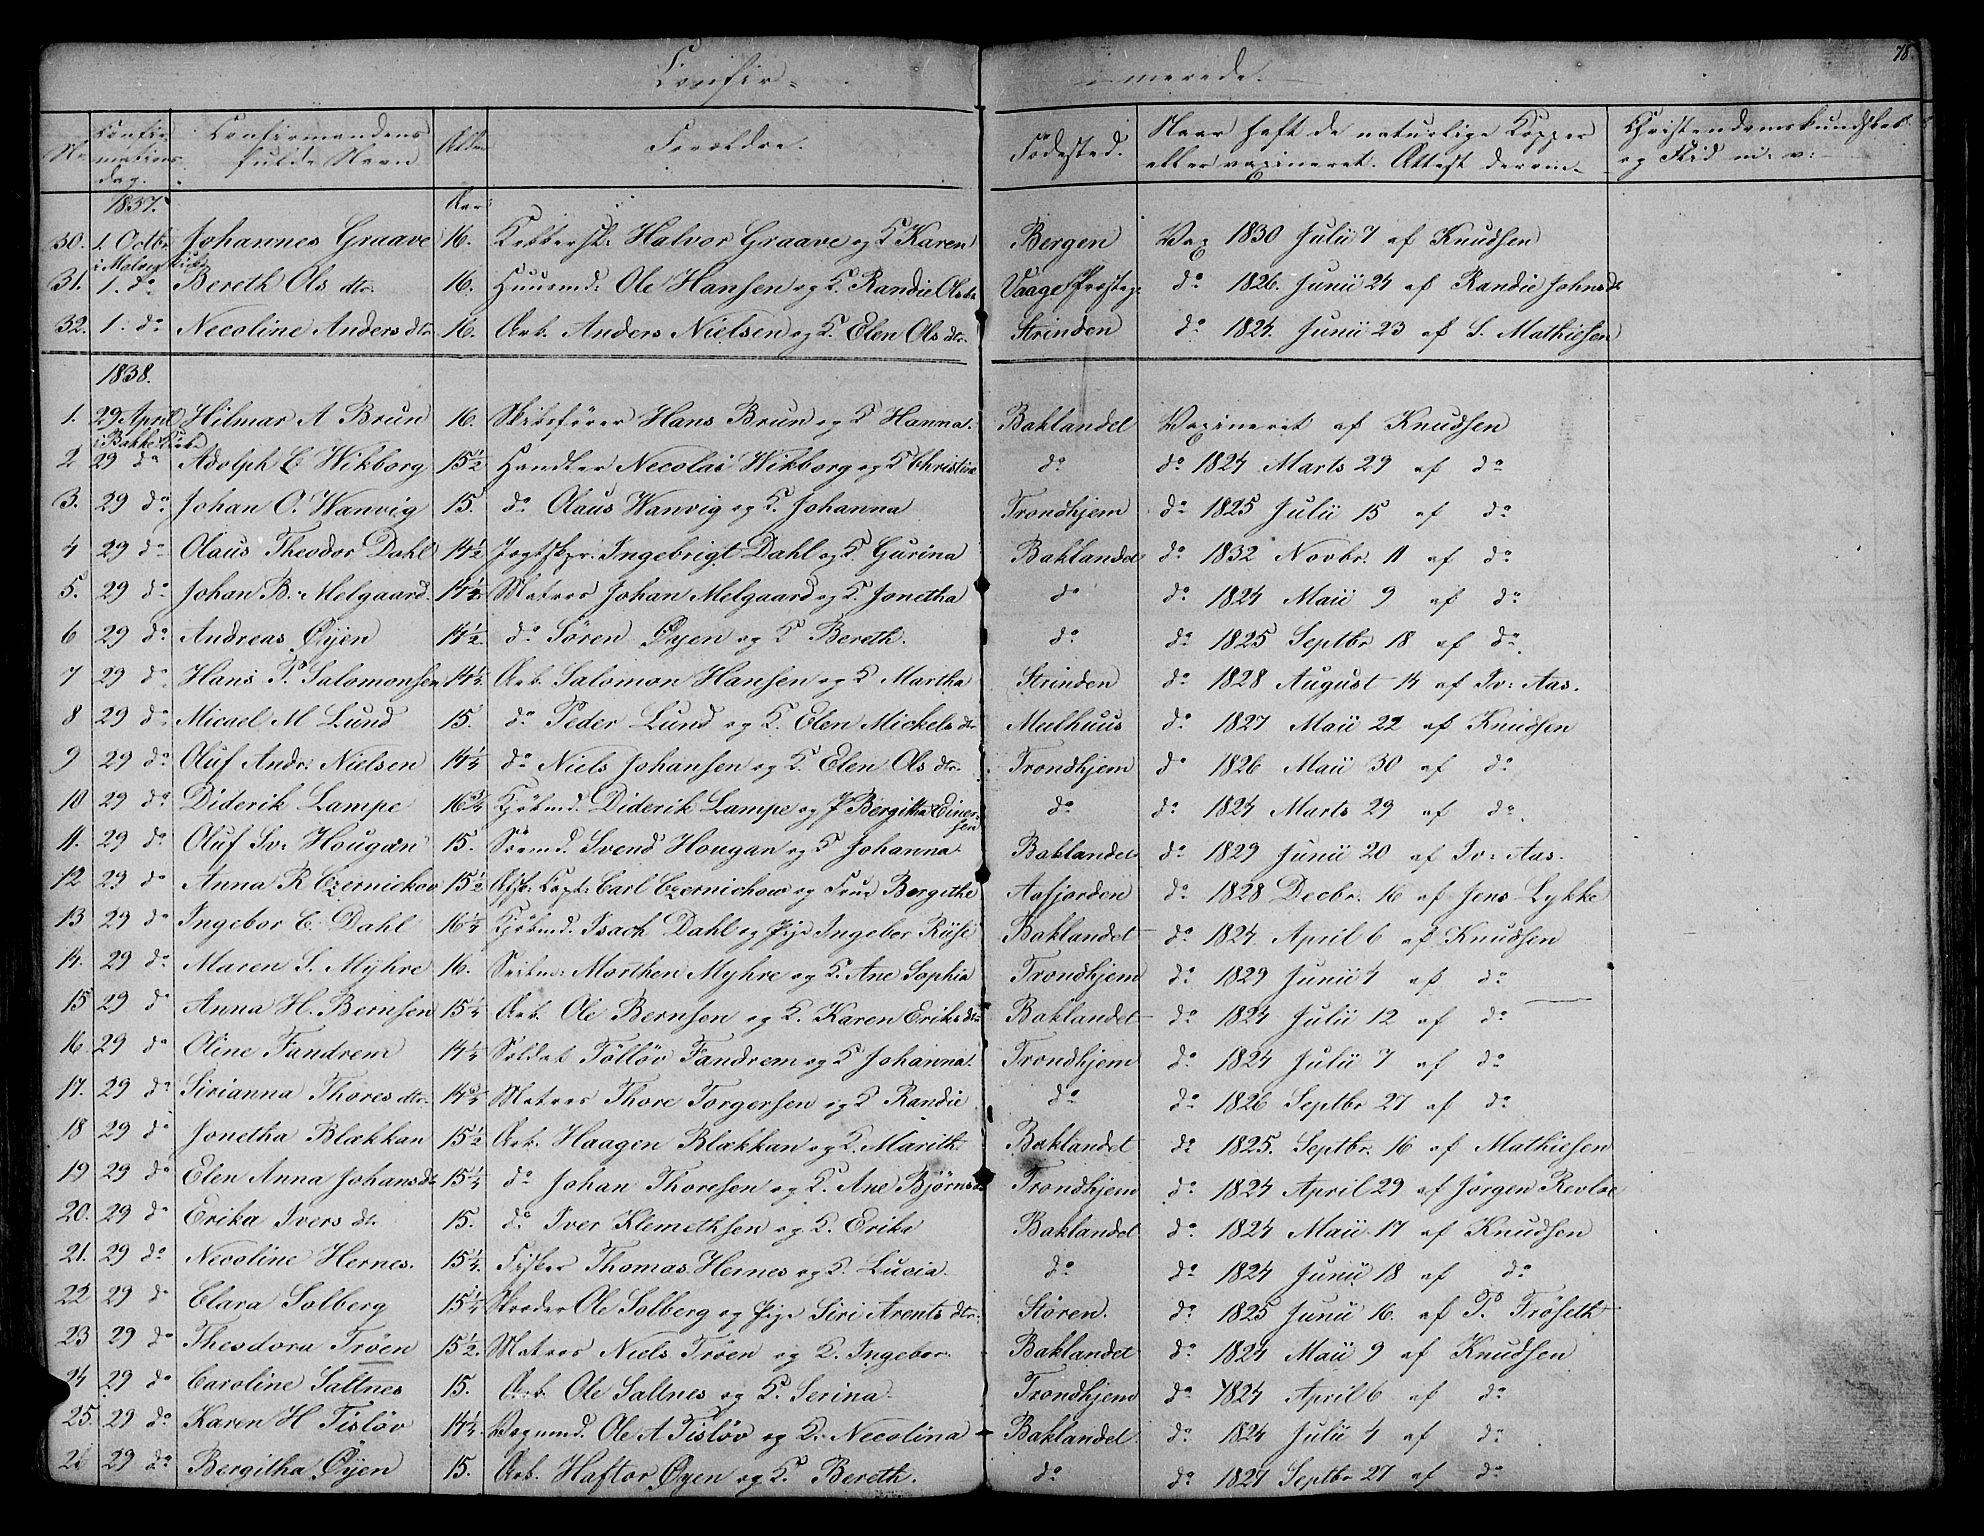 SAT, Ministerialprotokoller, klokkerbøker og fødselsregistre - Sør-Trøndelag, 604/L0182: Ministerialbok nr. 604A03, 1818-1850, s. 78